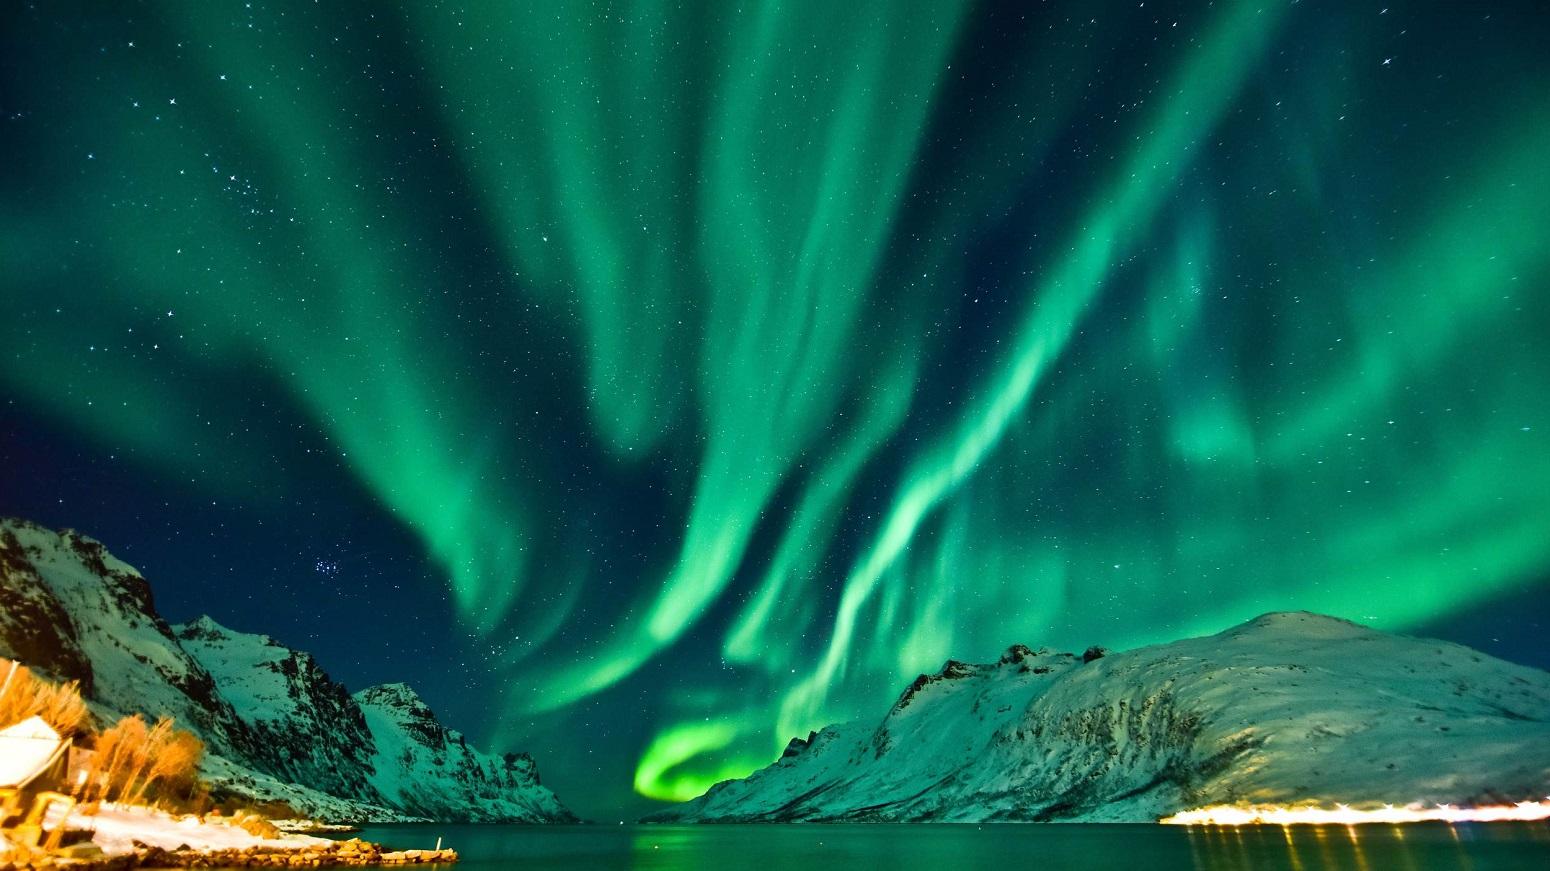 auroras Ivalo Finlandia laponia